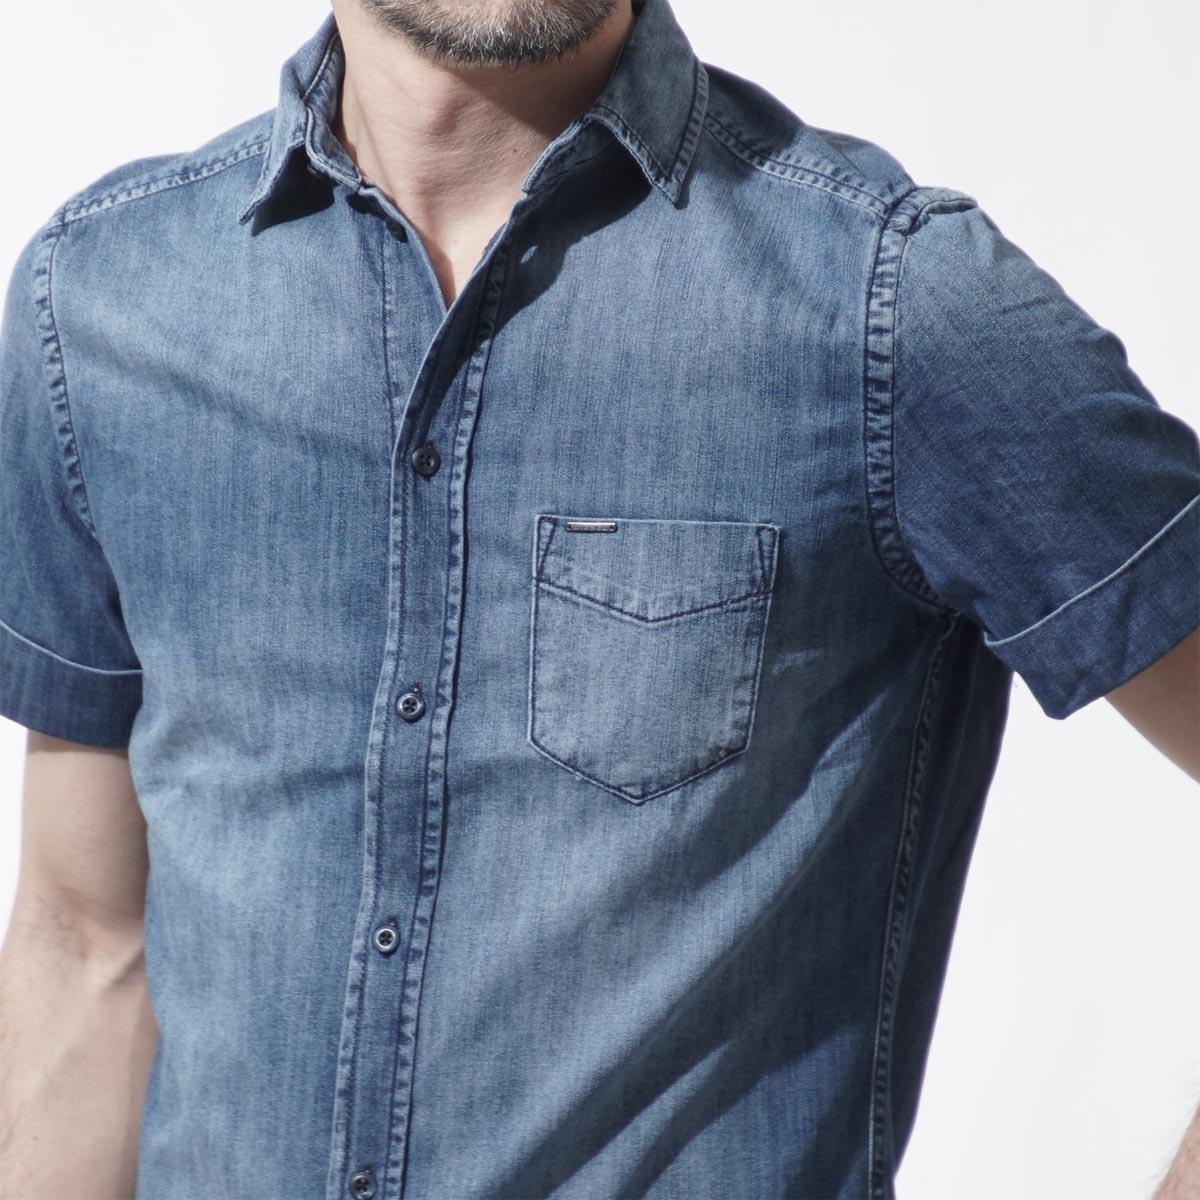 柴油DIESEL短袖粗斜紋布襯衫D-KENFALL INDIGO藍色派d kendall 00sxqe 00qapm人